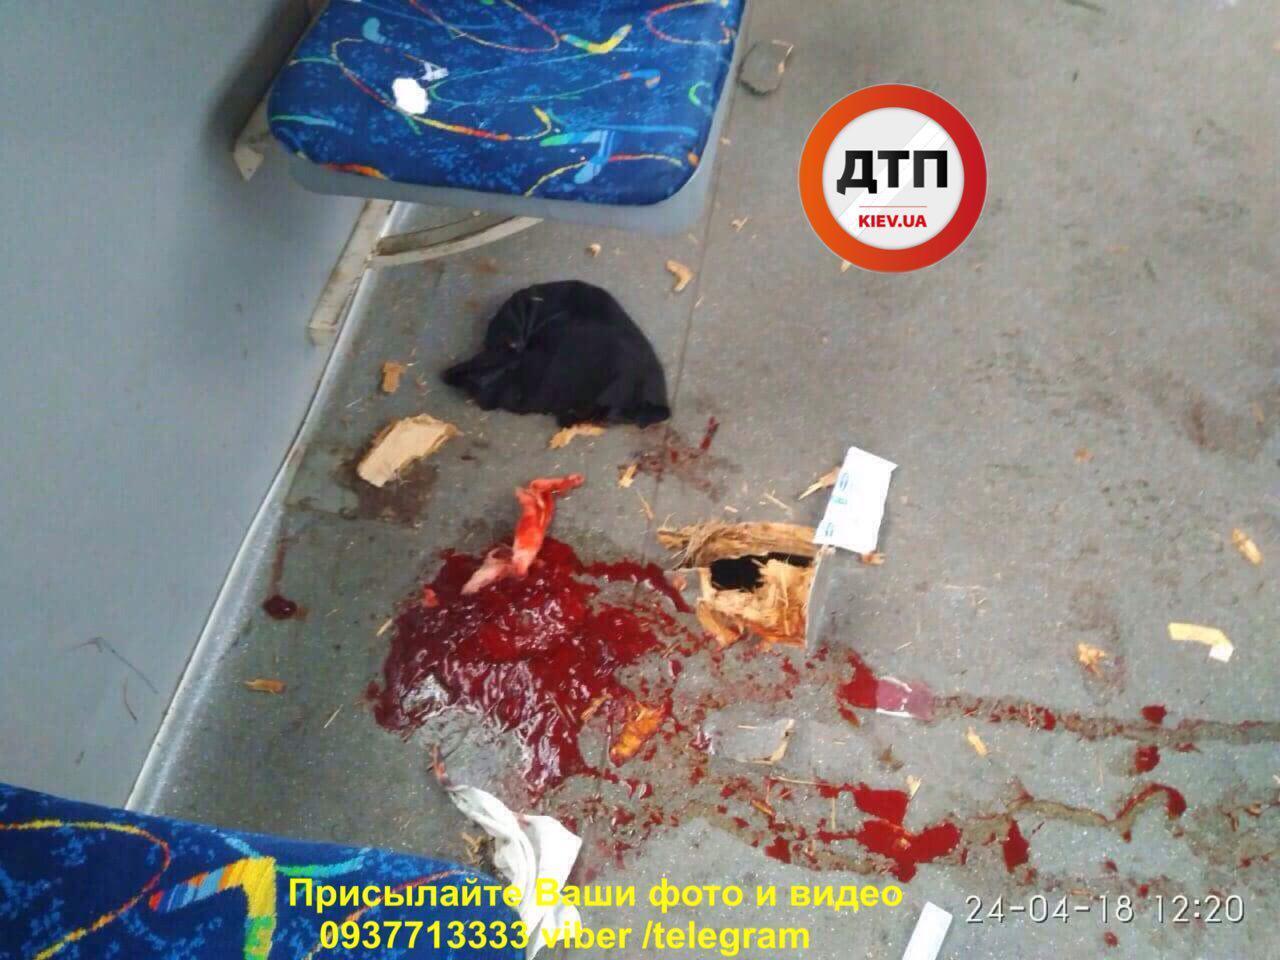 В Киеве у трамвая отвалилась деталь: есть раненые